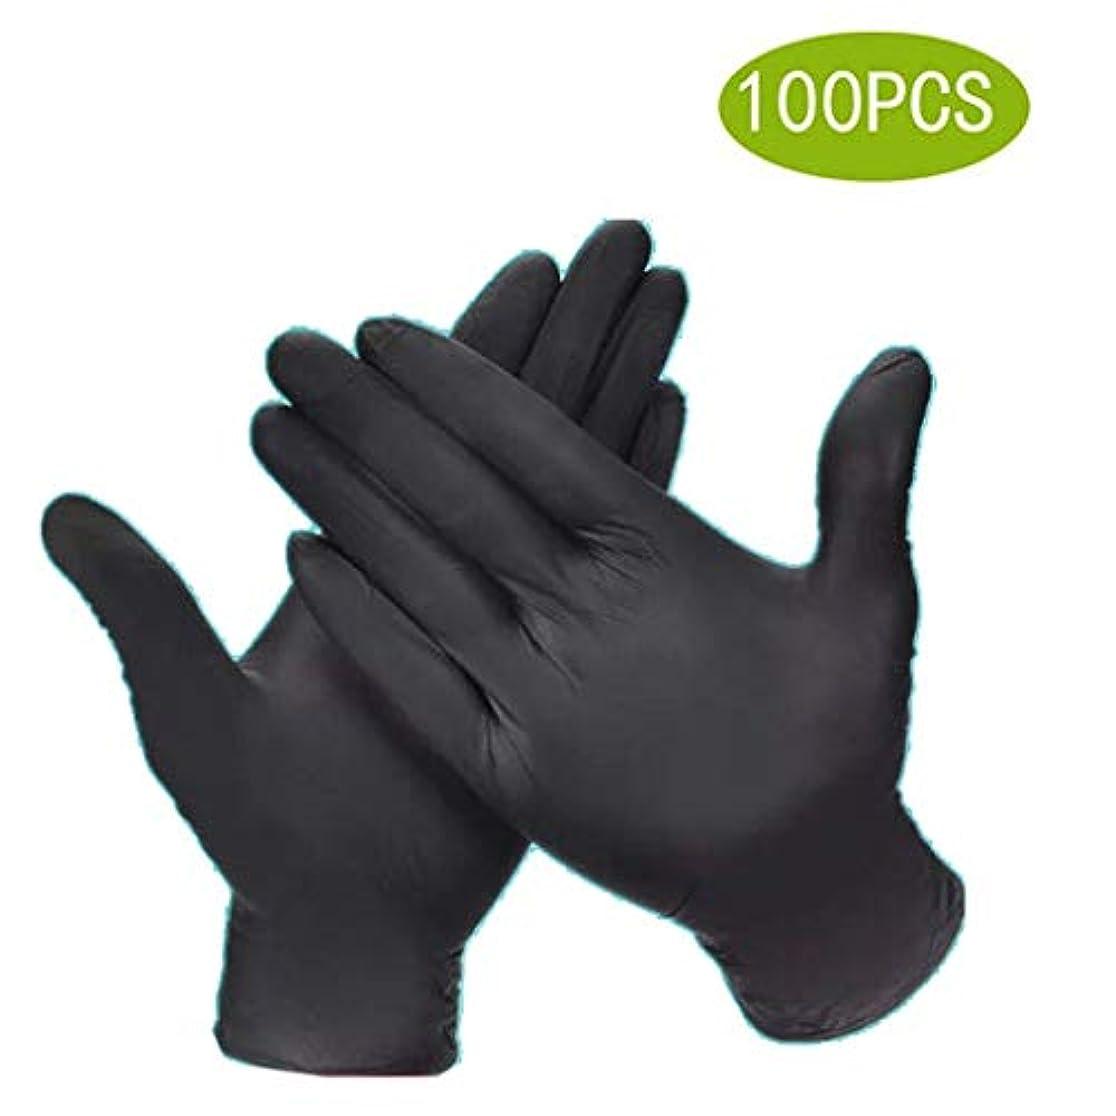 学校の先生ジュース弁護使い捨て手袋食品ケータリング手術ディンチン厚い黒滑り止め酸とアルカリキッチン試験/食品グレード安全用品、使い捨てハンドグローブディスペンサー[100個] (Size : M)